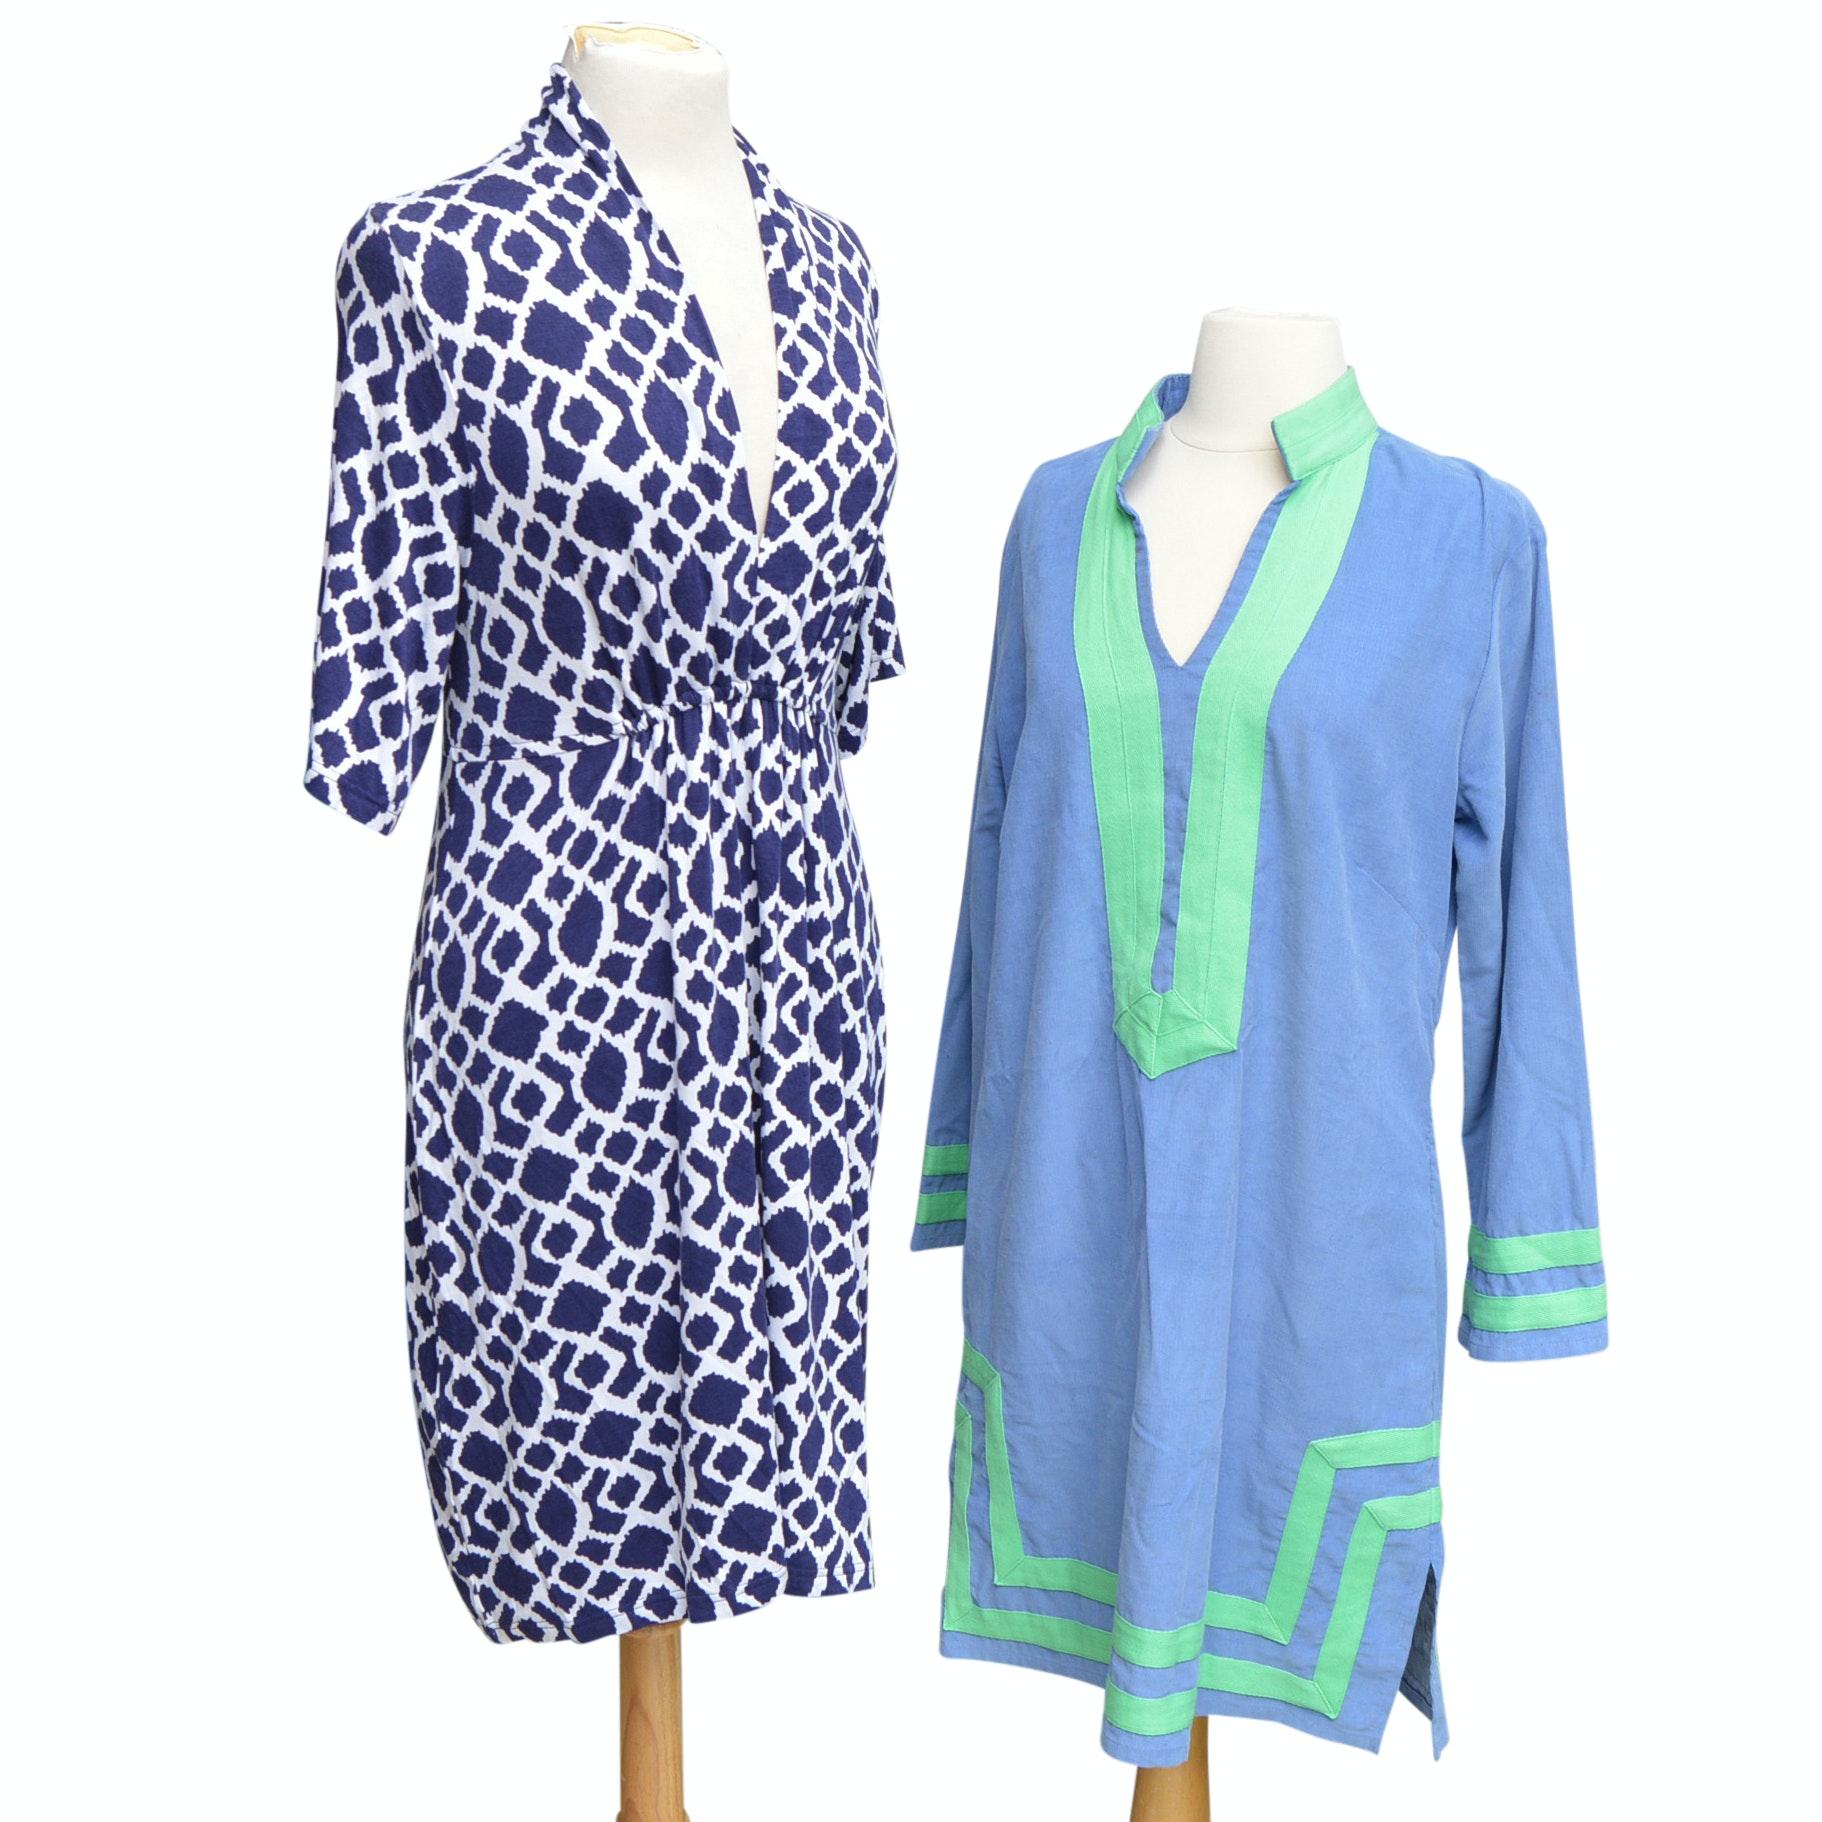 Women's Designer Summer Dresses with J McLaughlin and Hugo Boss